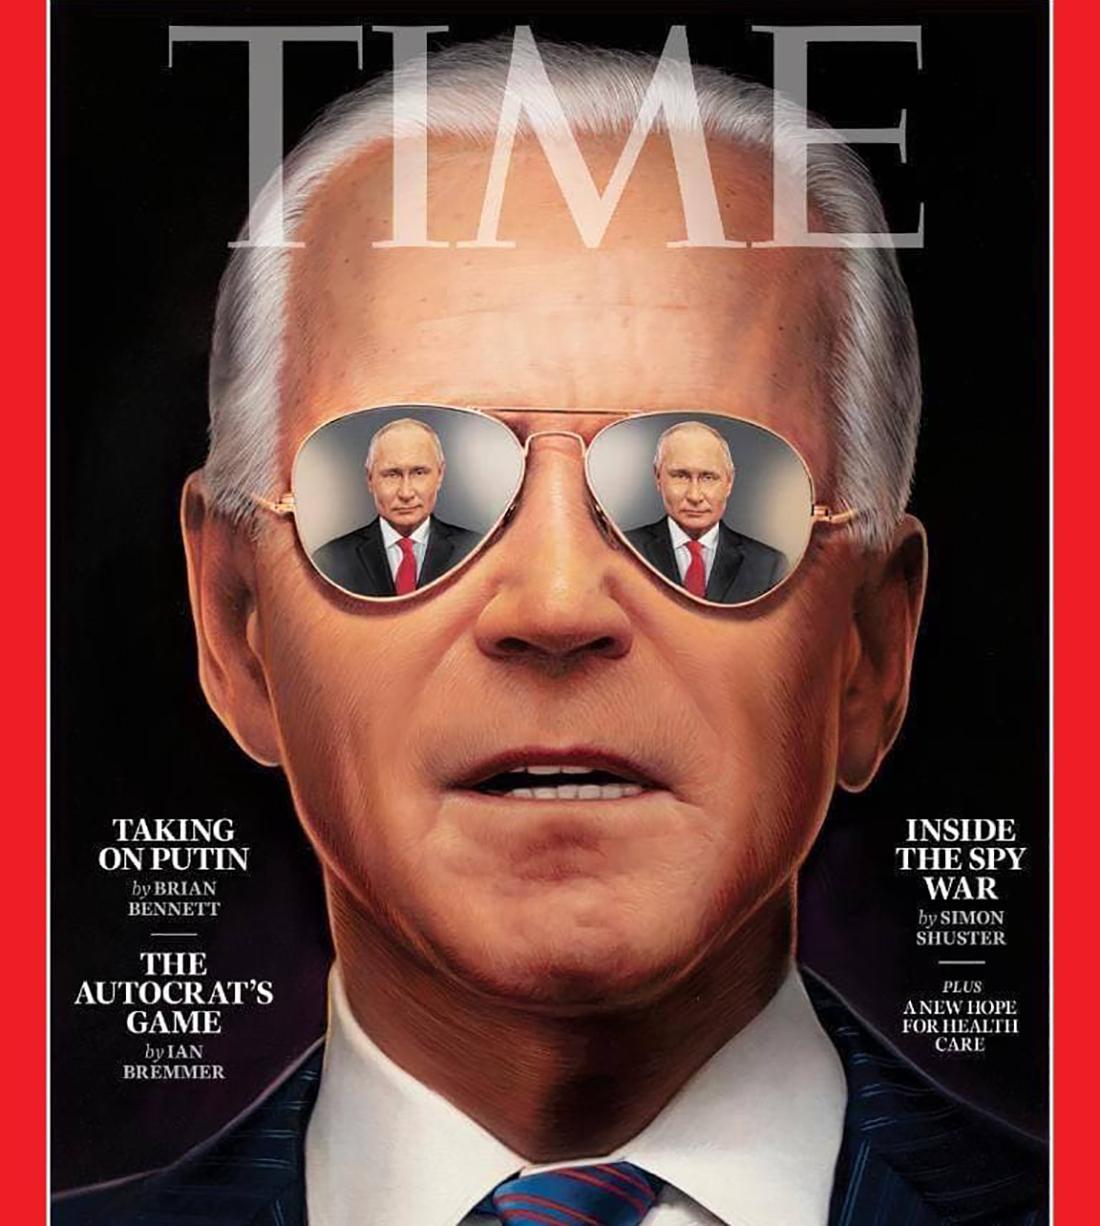 Байден и отражение Путина появились на обложке Time: в США прогнозируют непростой разговор 1